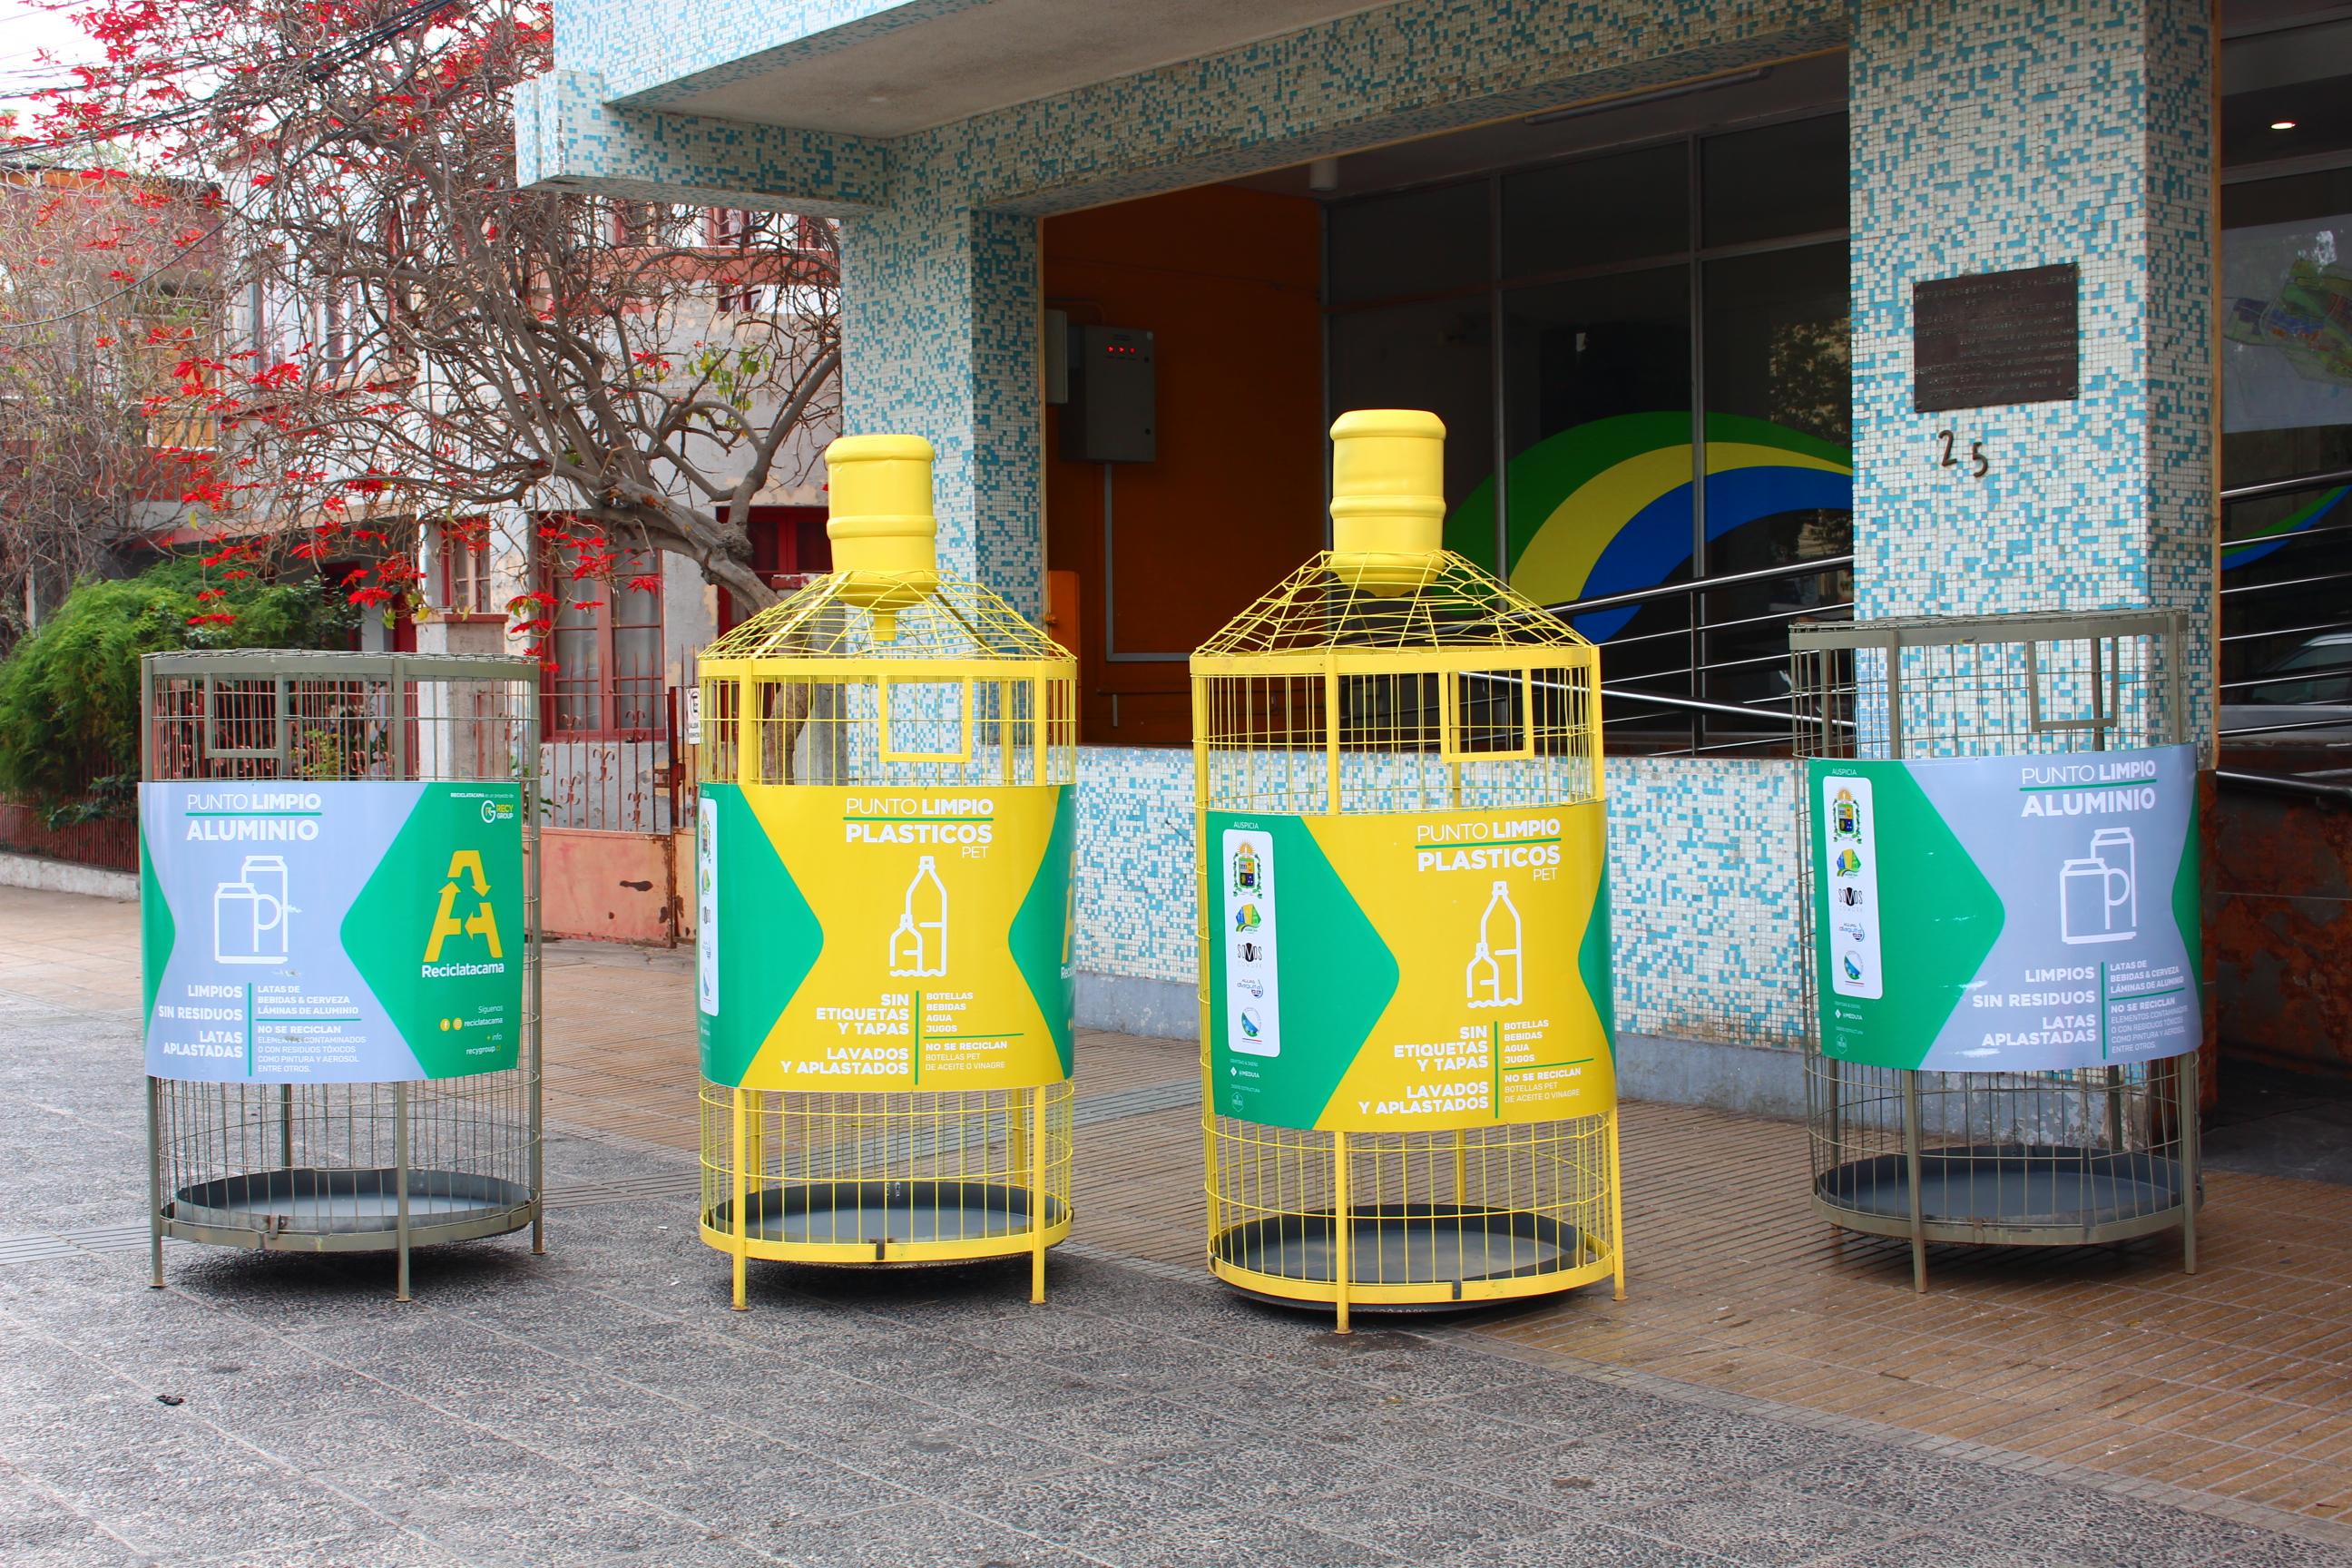 Instalan 20 contenedores de reciclaje de botellas plásticas en Vallenar